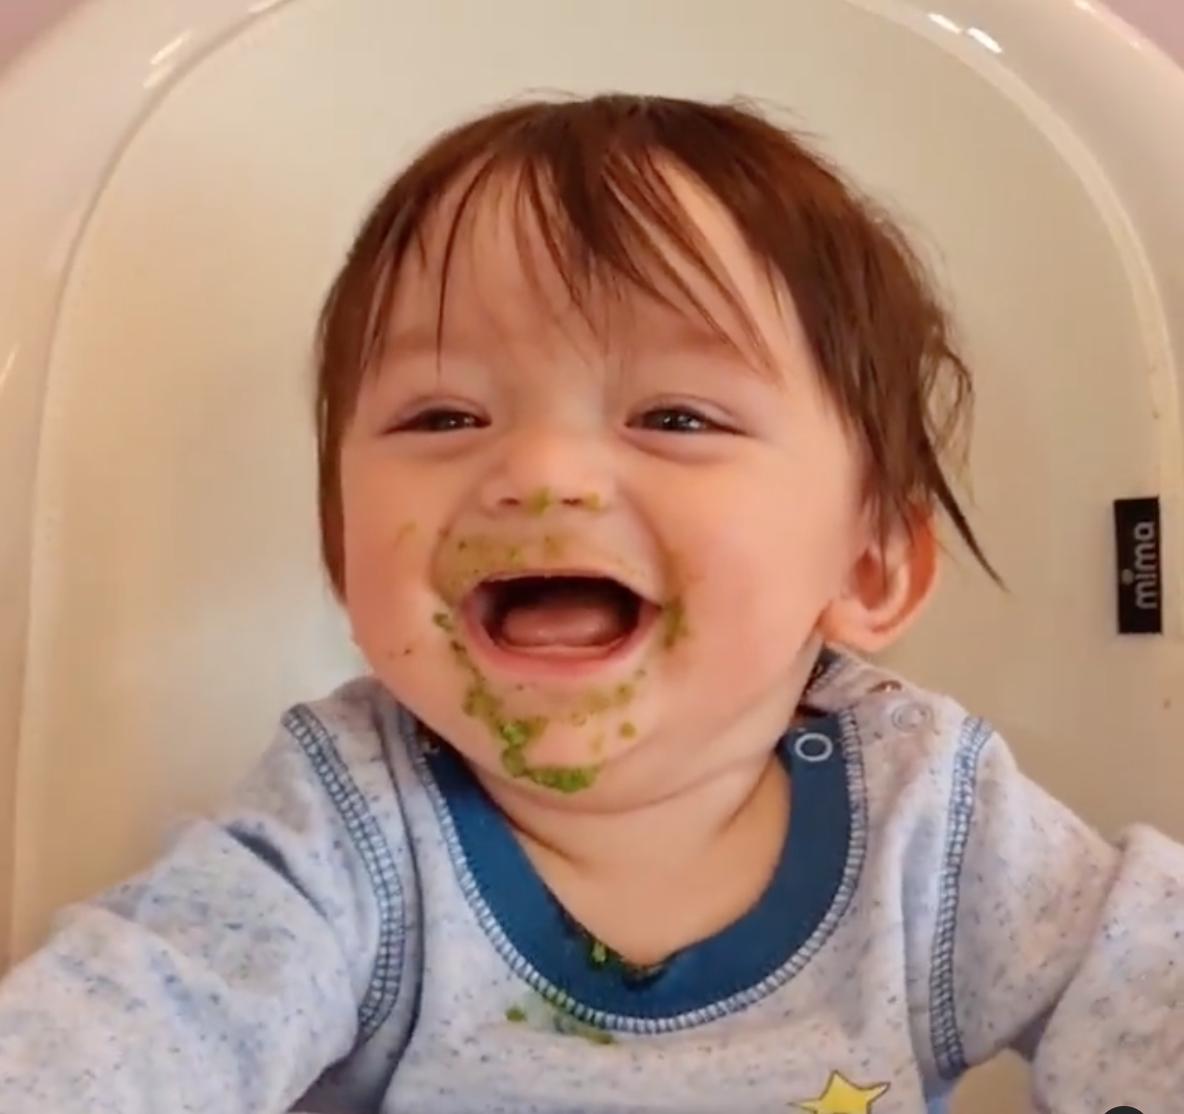 Andre el hijo de Sherlyn se come sus verduras